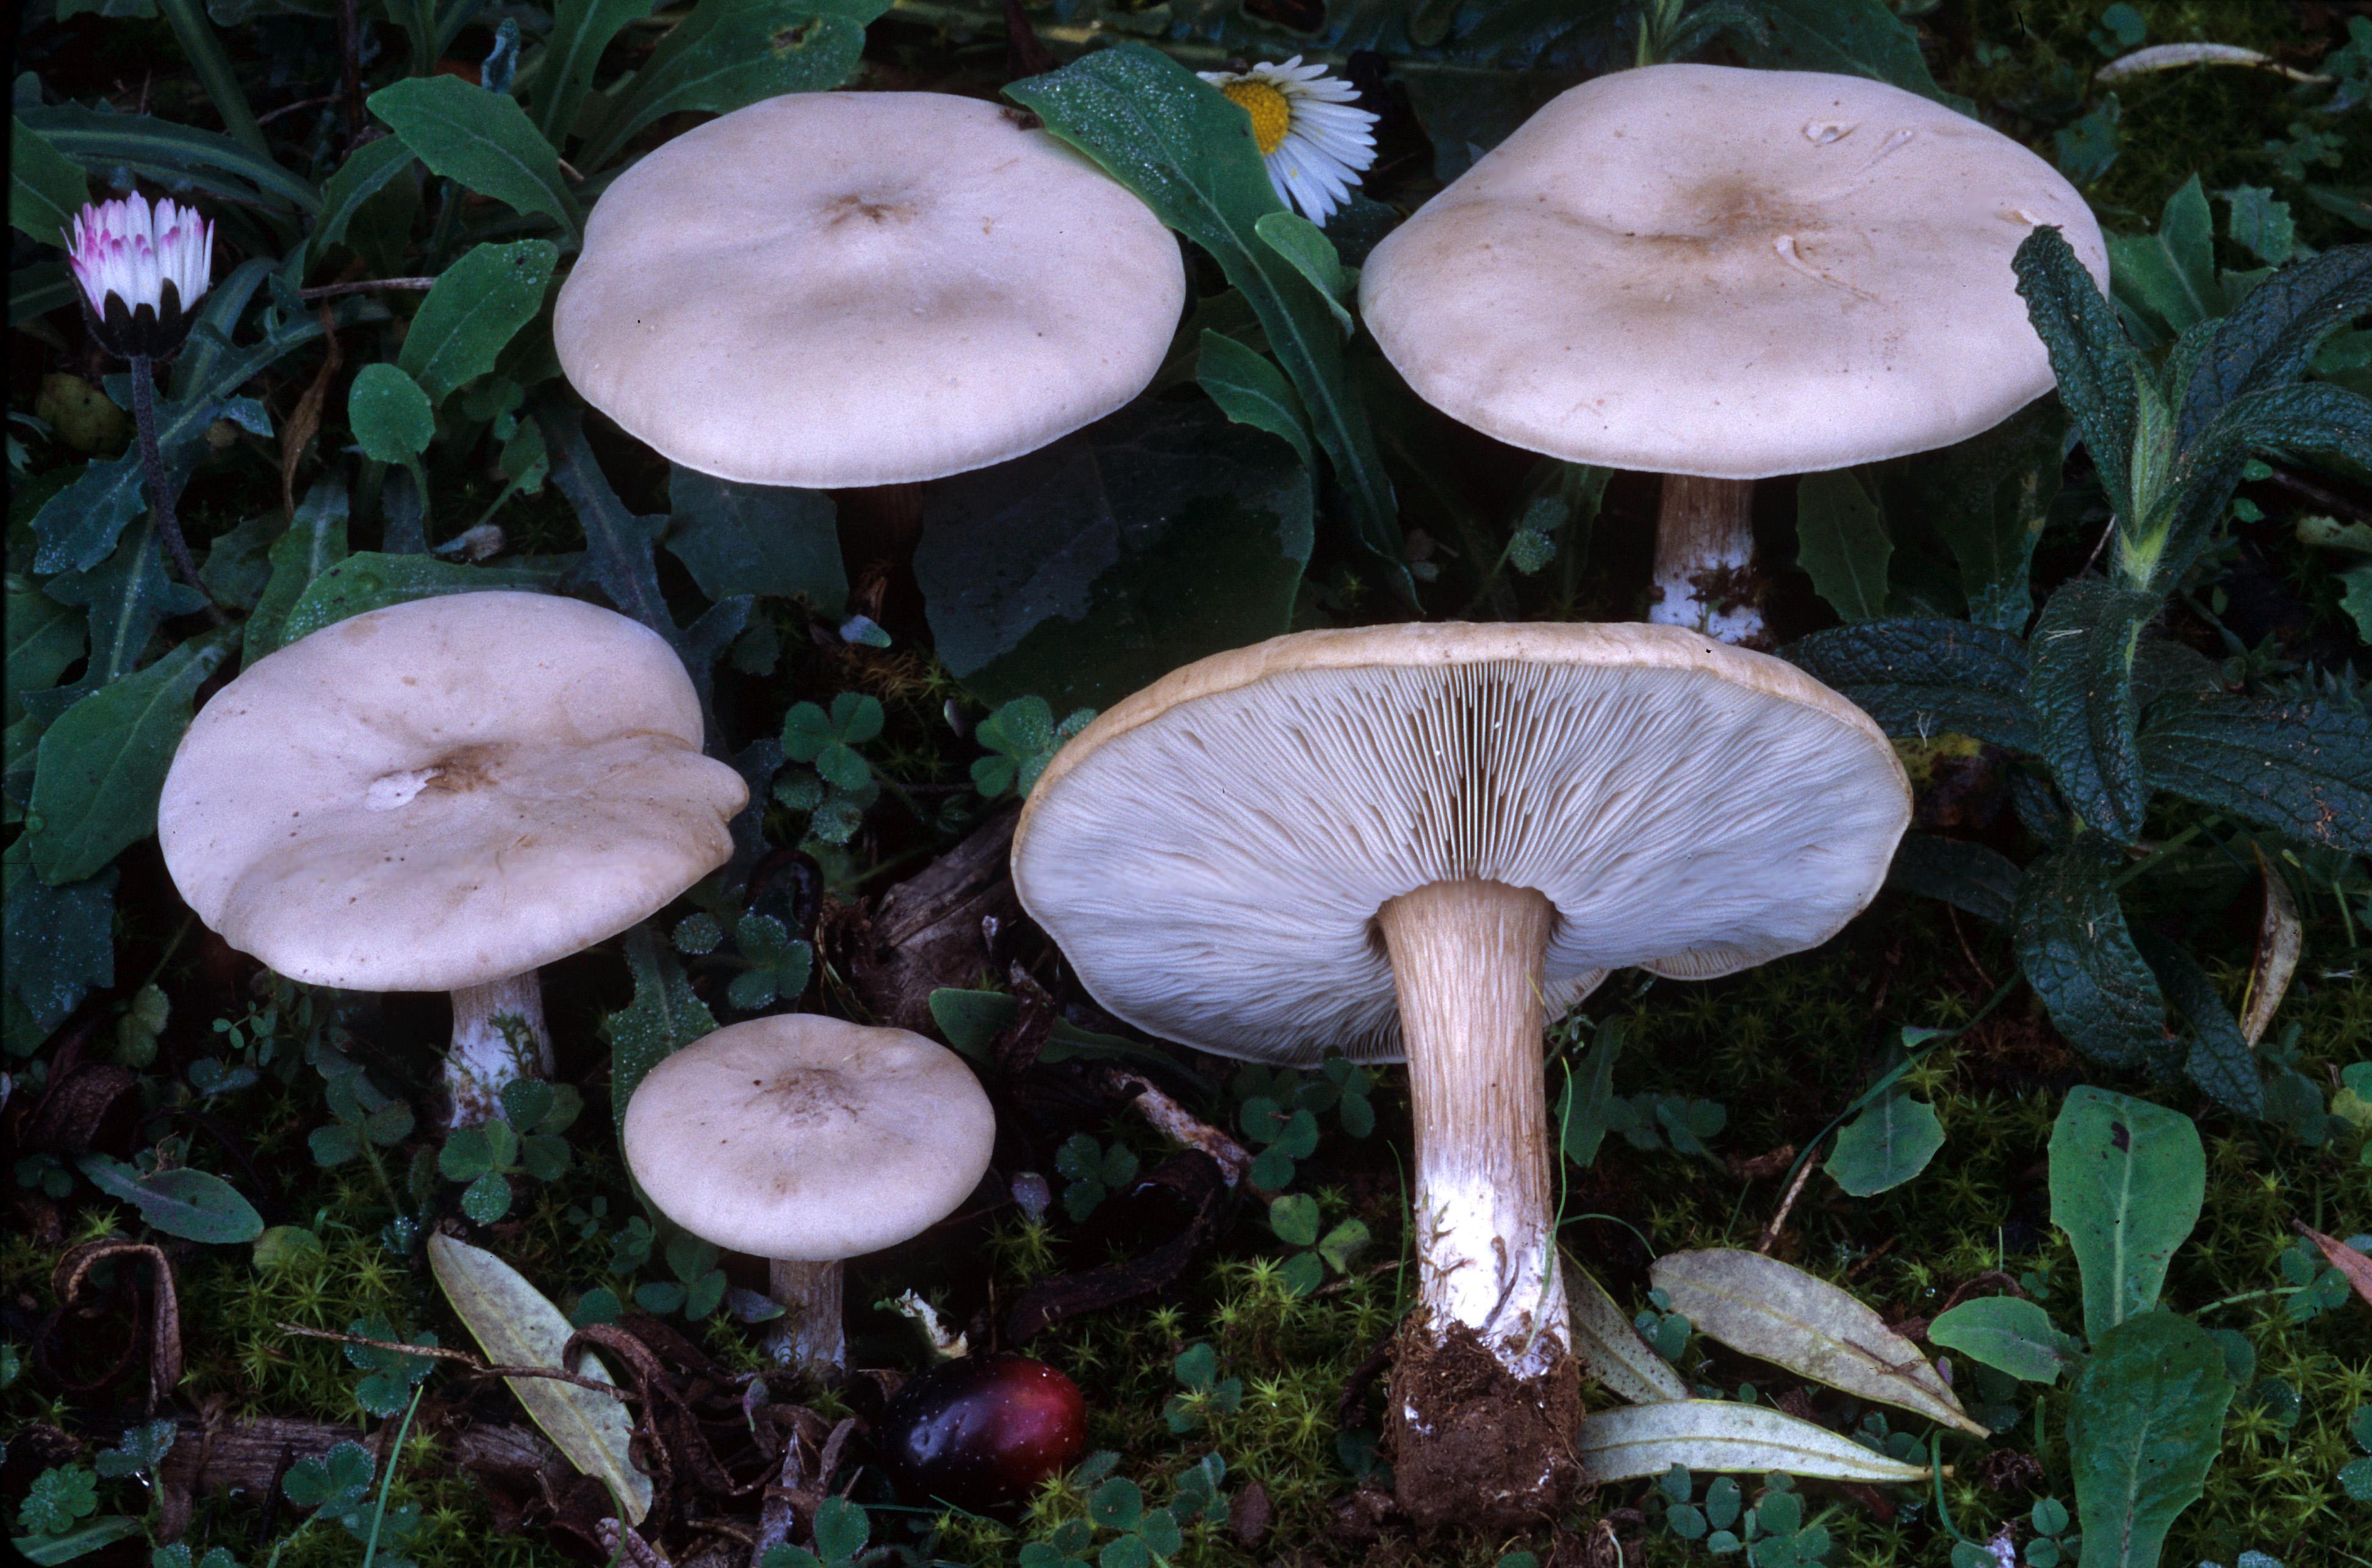 Seta de ca adilla melanoleuca grammopodia canal multimedia consejer a de medio ambiente Setas de jardin